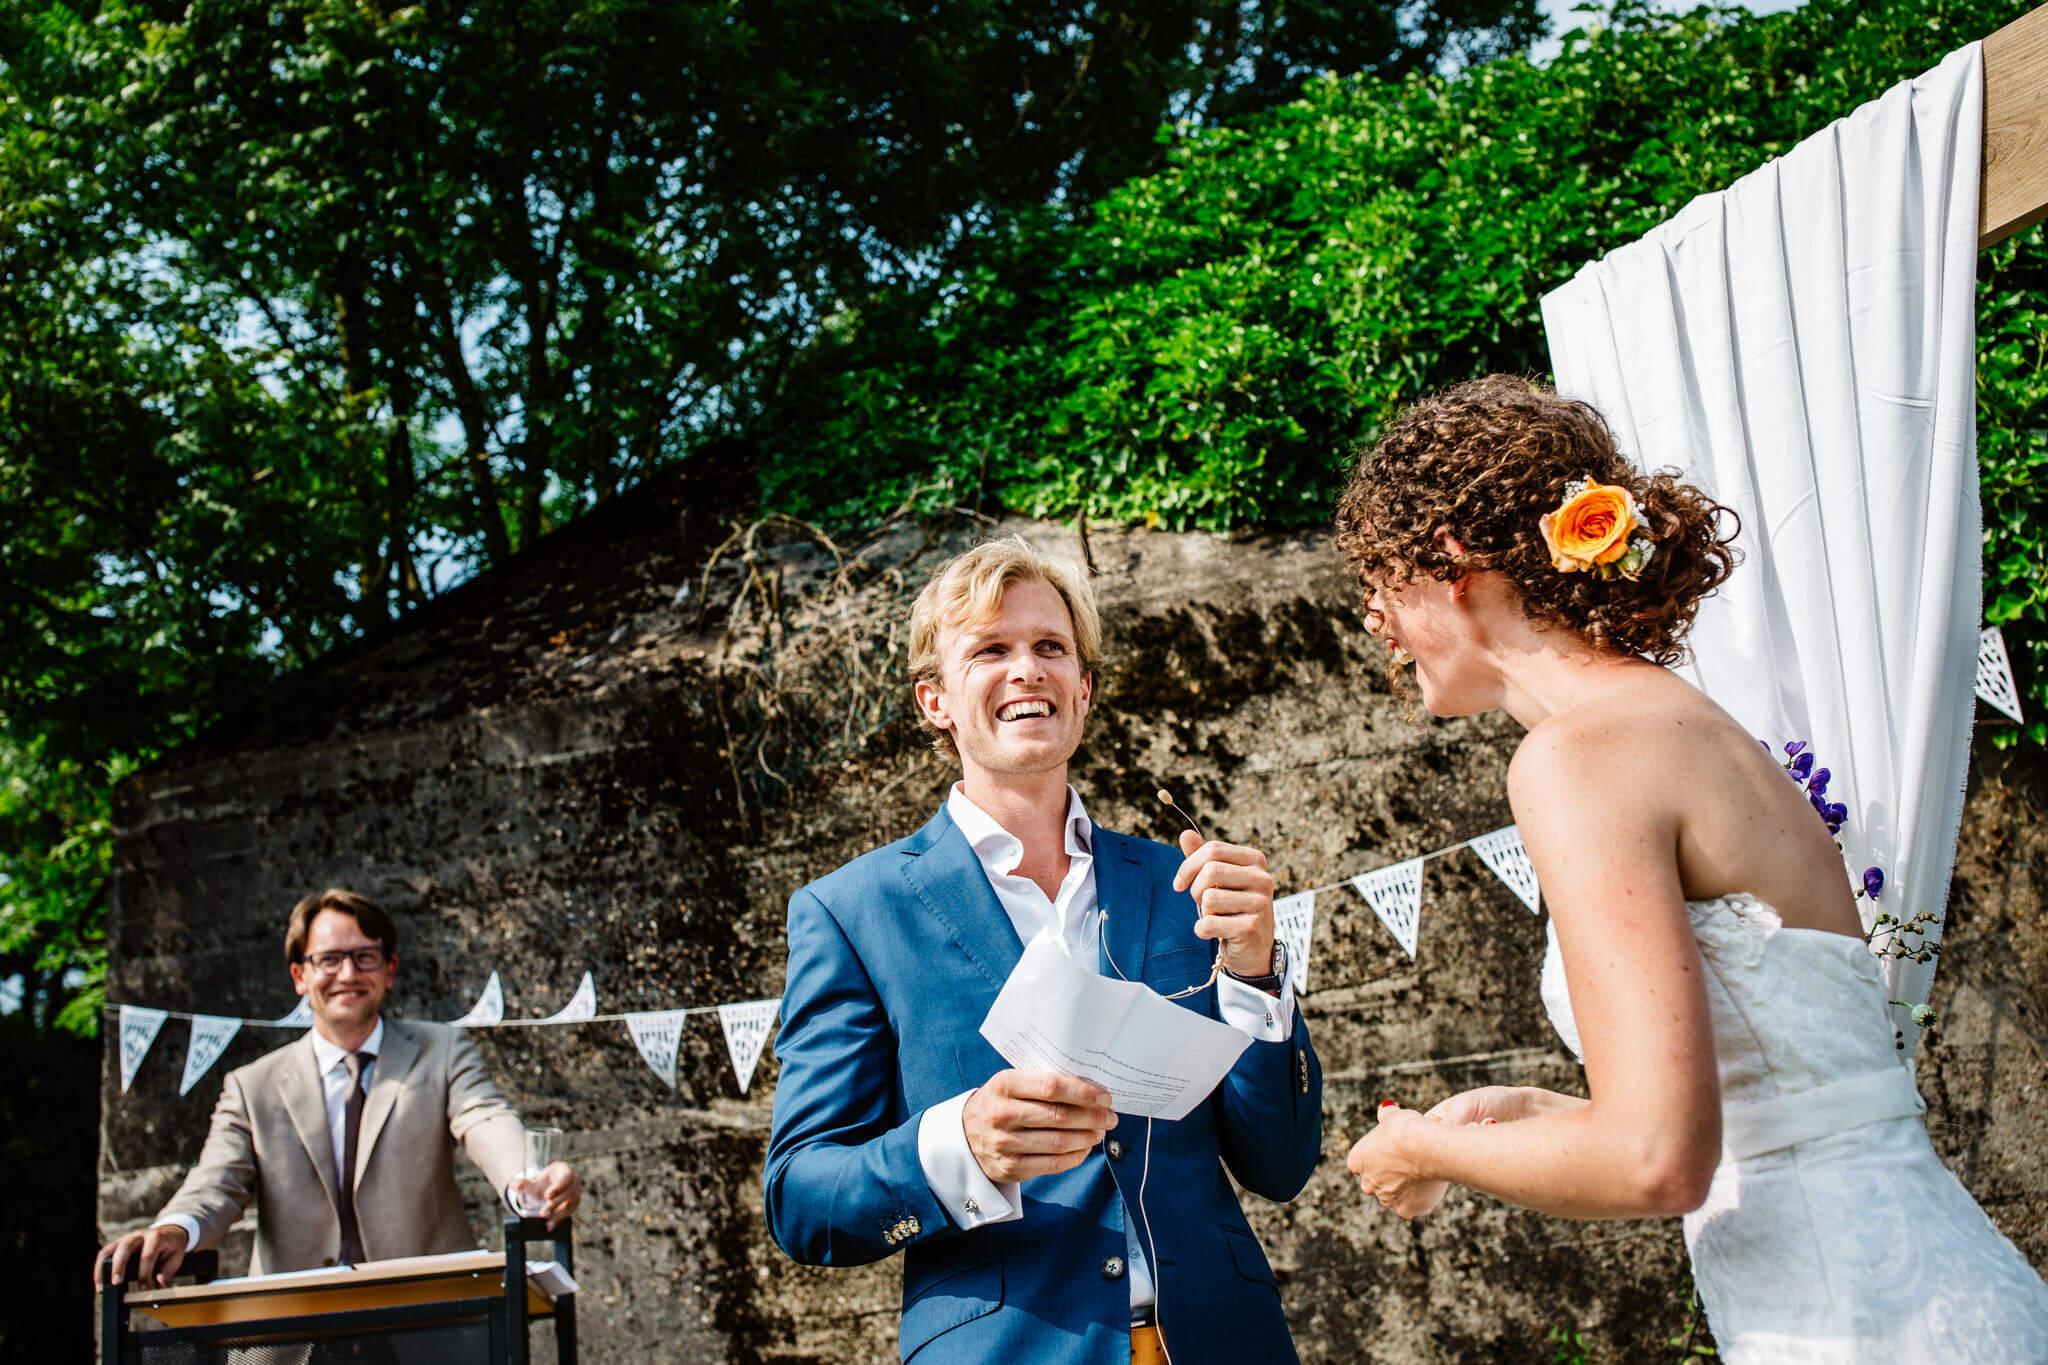 festivalbruiloft-bruidsfotograaf-utrecht-15.jpg